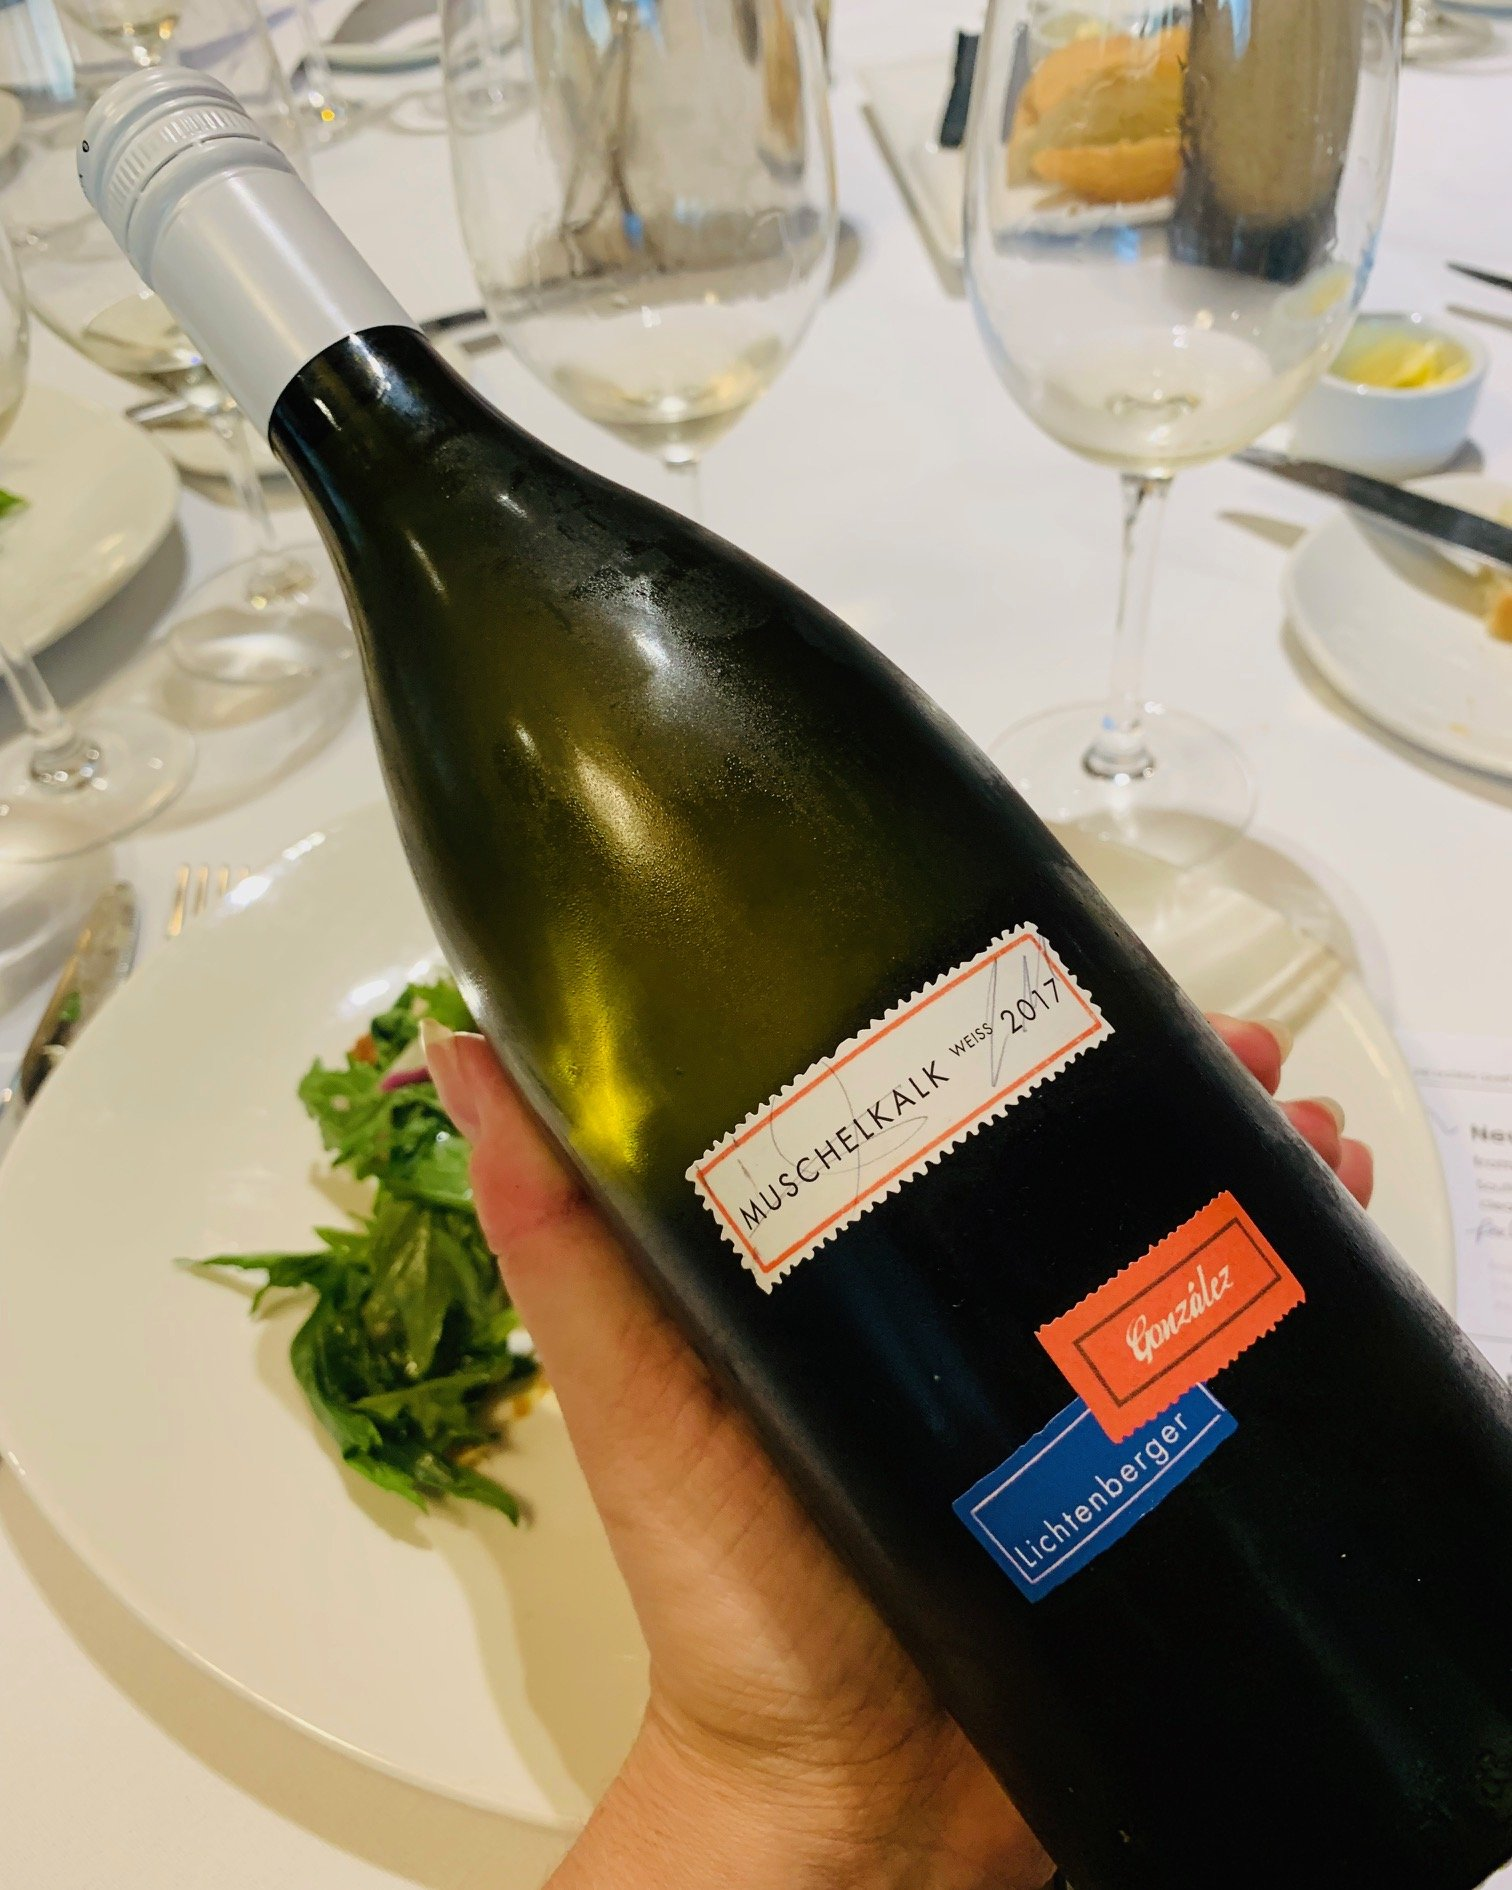 food and wine pairings Lichtenberger-Gonzalez Muschelkalk 2017